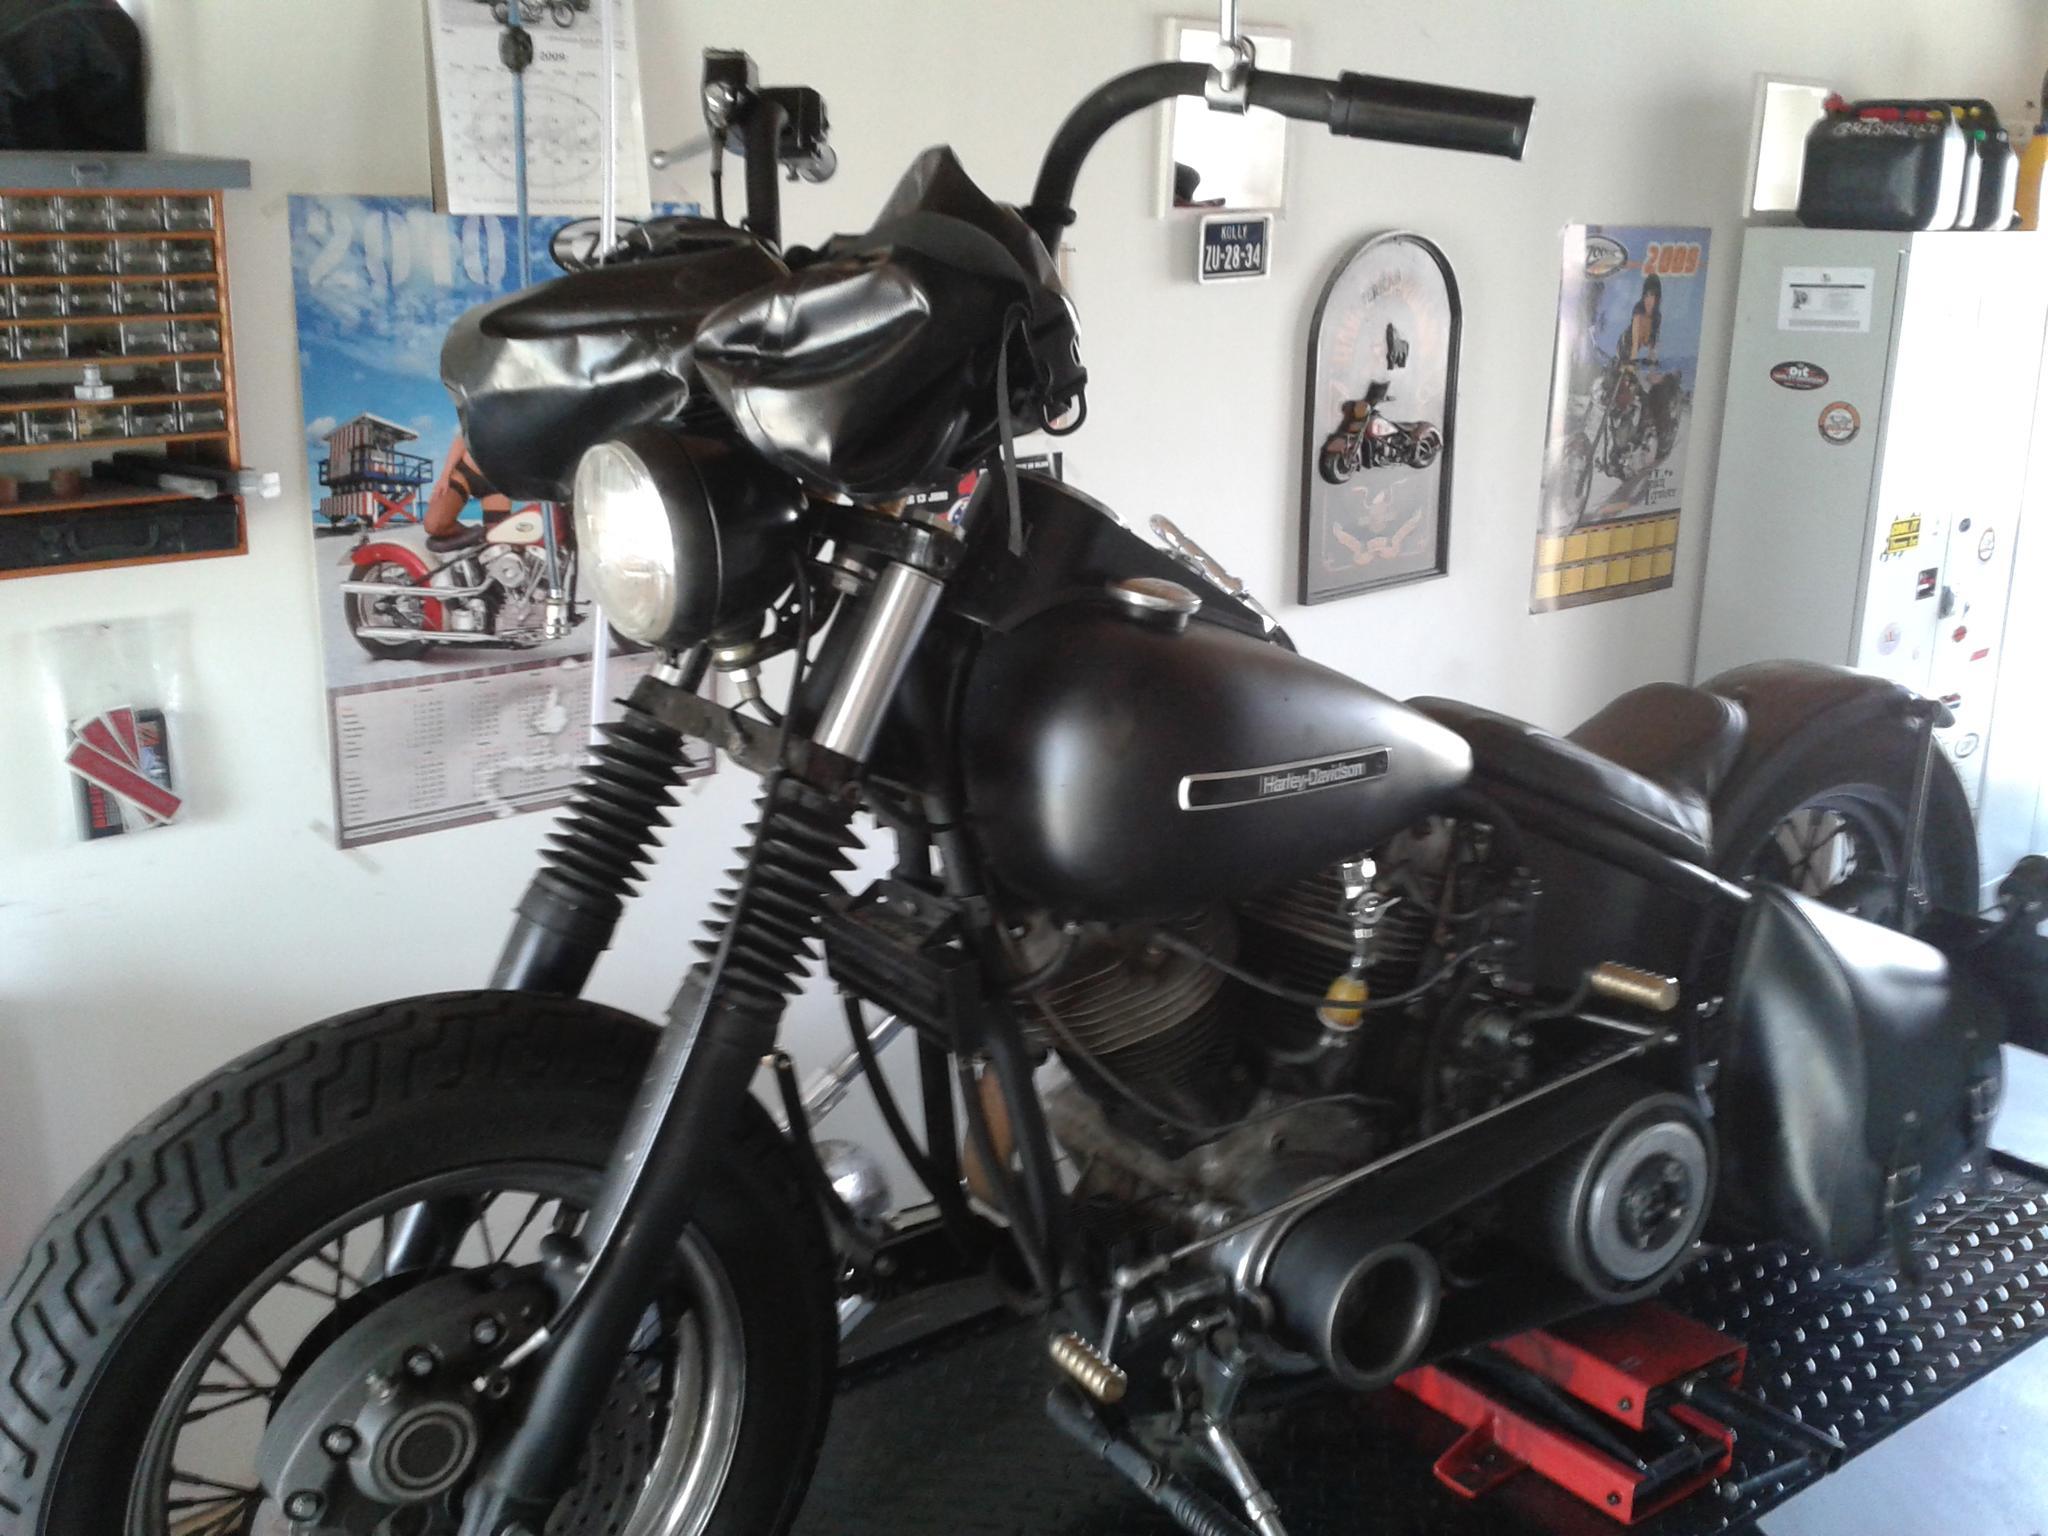 Kollies Parts - Harley Davidson 1979 Shovelhead